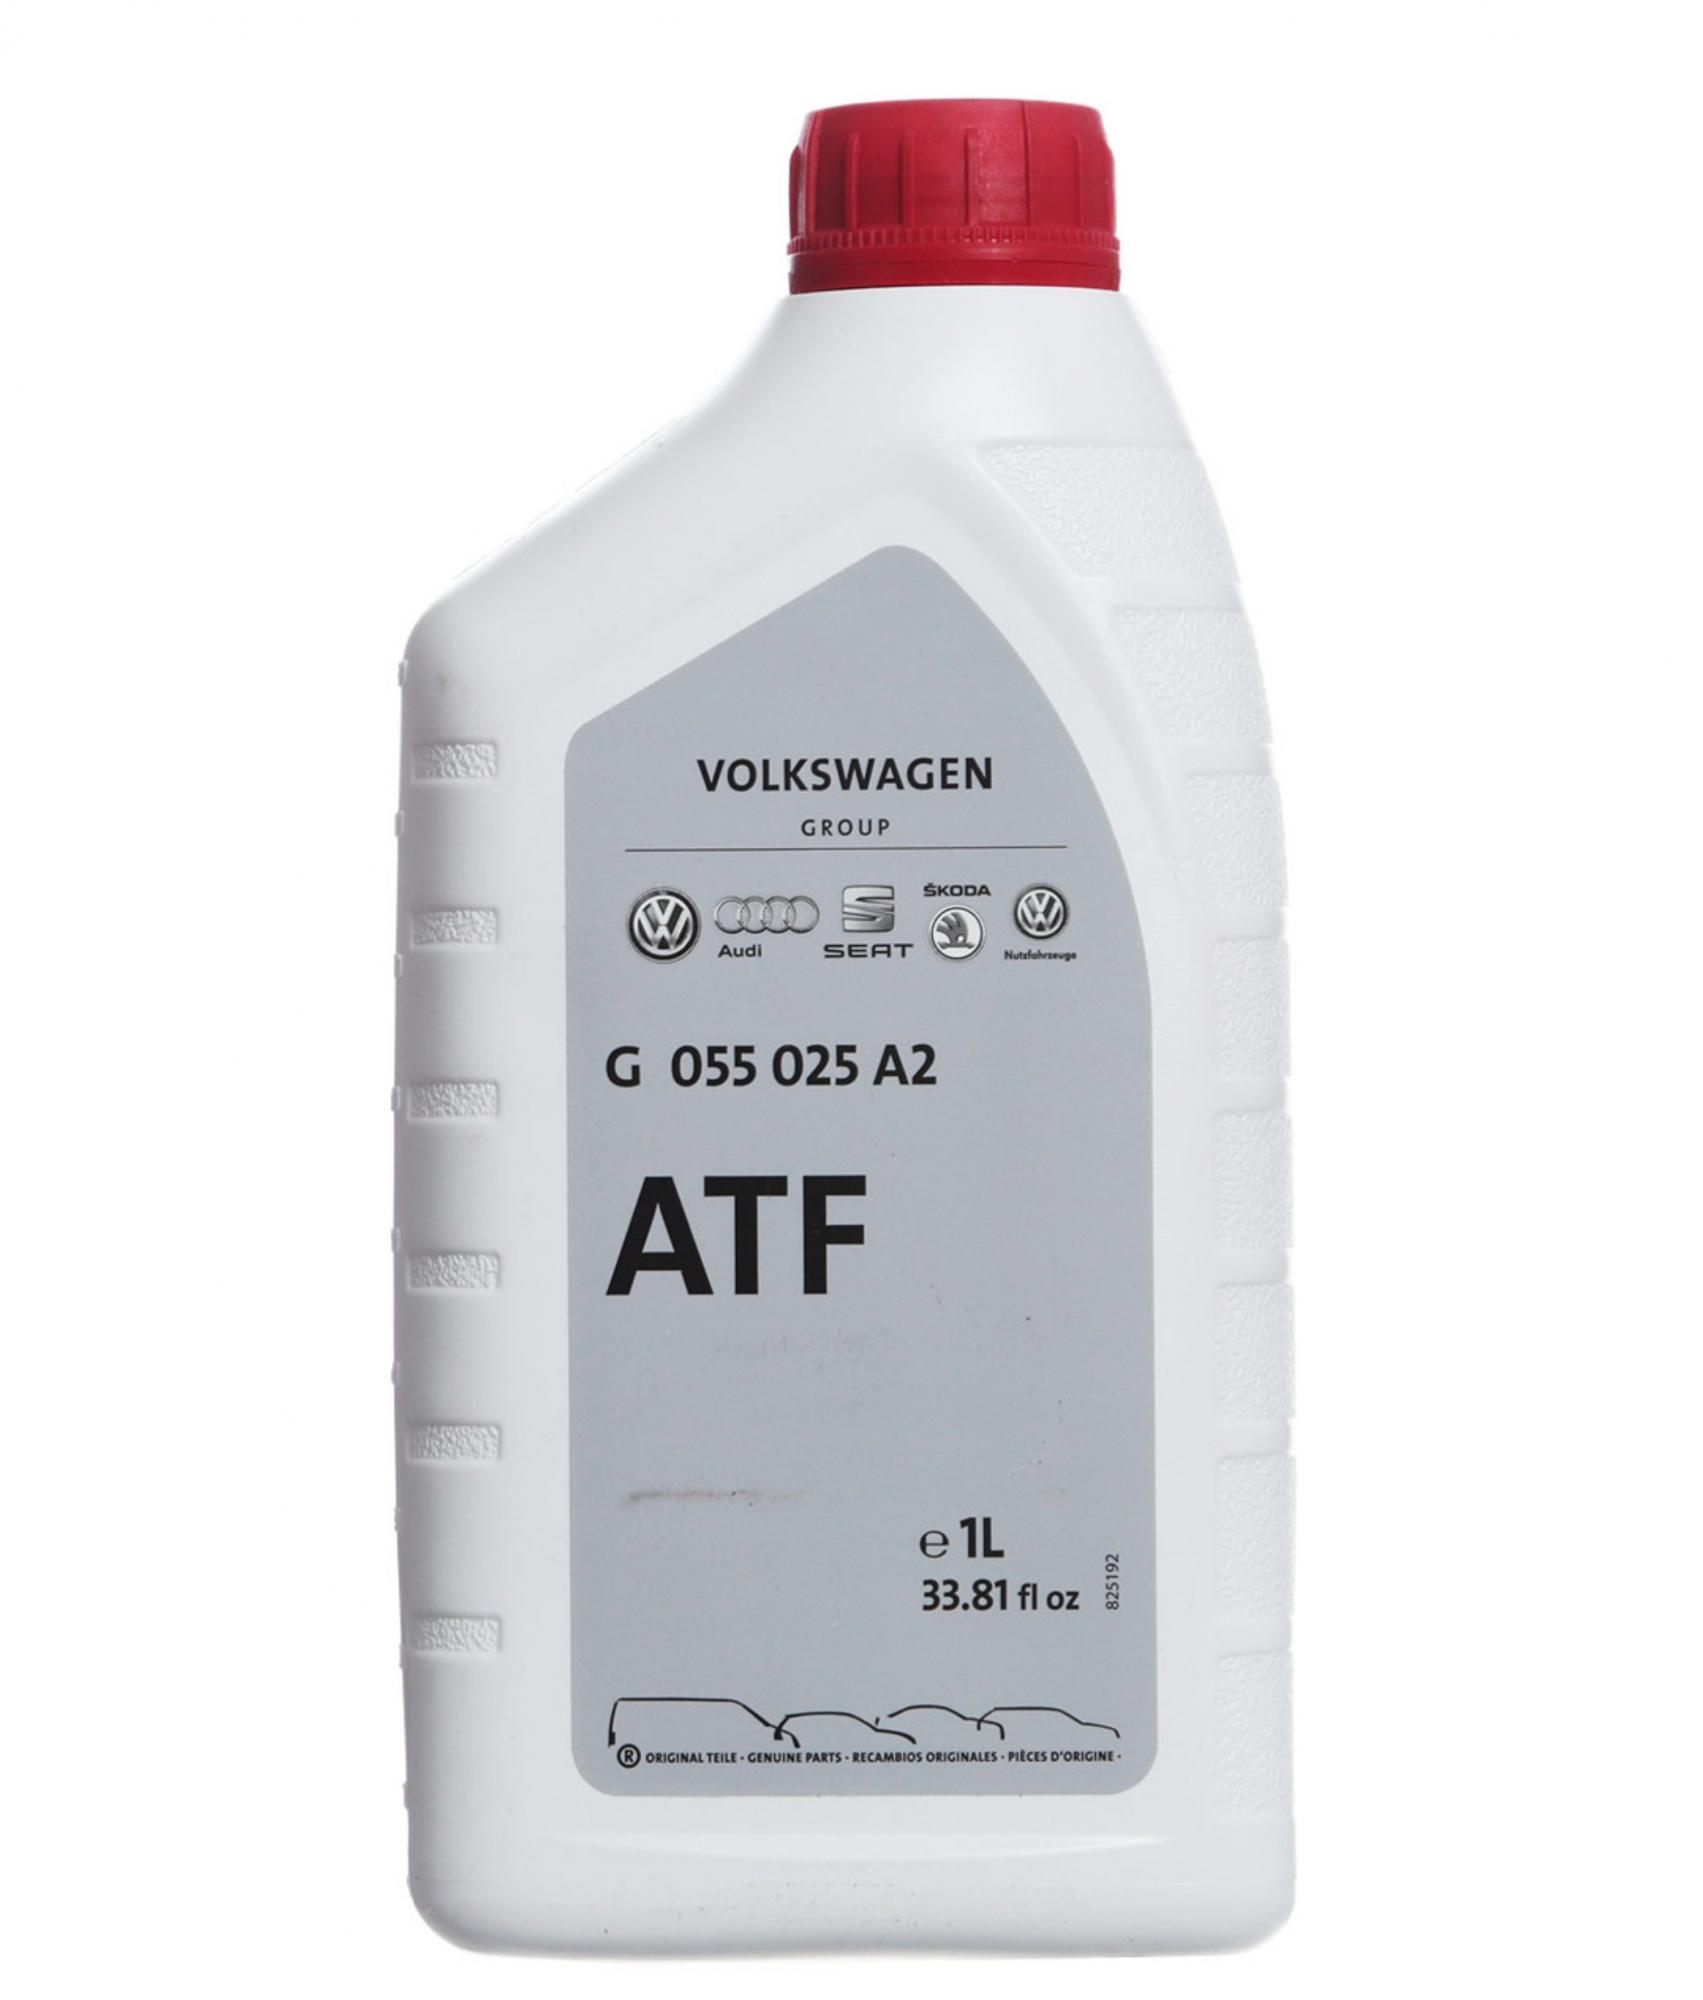 АТФ G 055 025 A2